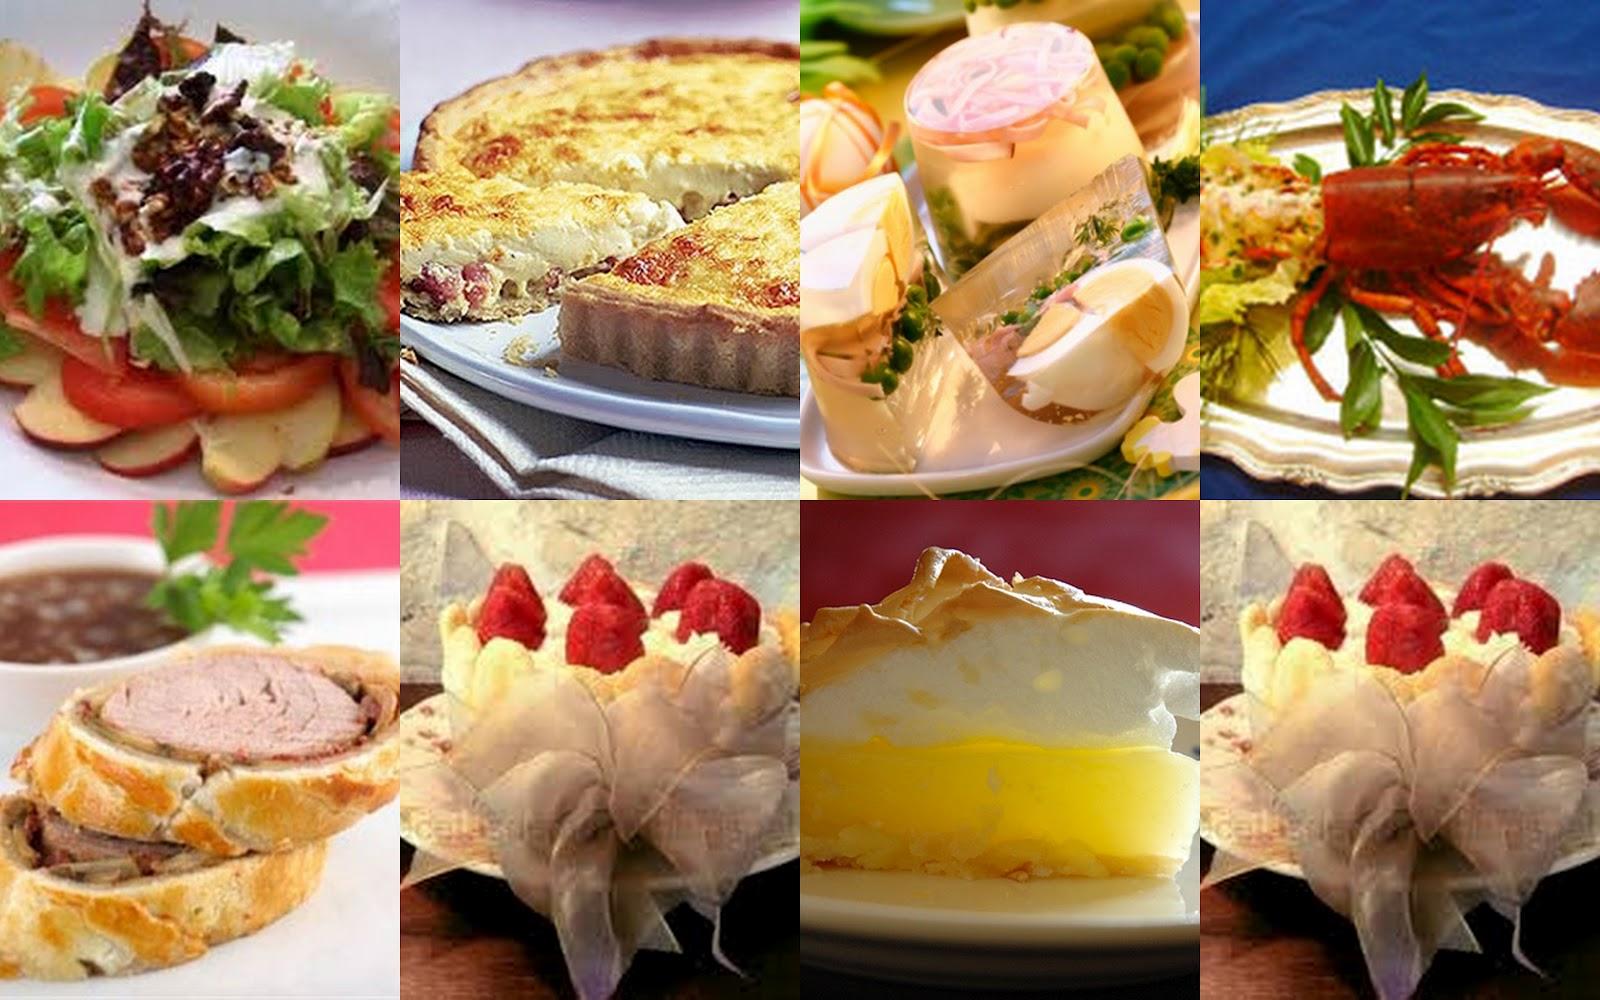 Fiestas con encanto um menu buffet vintage con mucha clase - Decoracion buffet ...